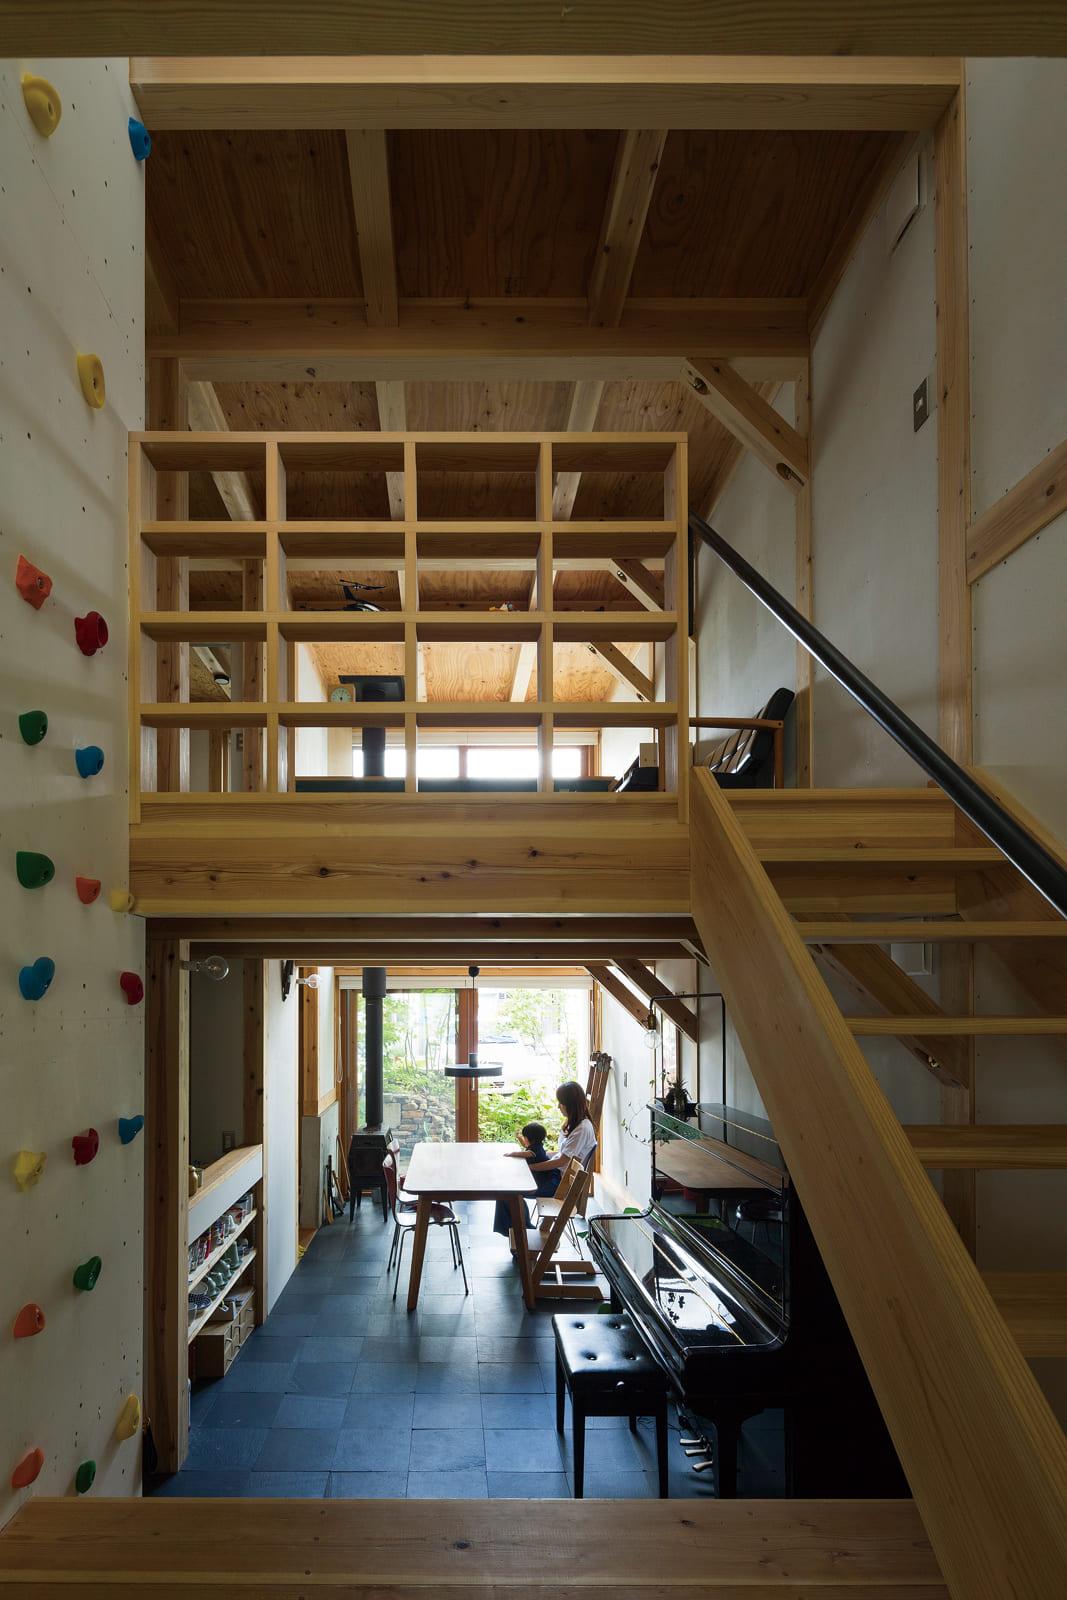 1階リビングからダイニング方向を見る。スキップフロアによる視覚的な連続性が空間に広がりをみせている